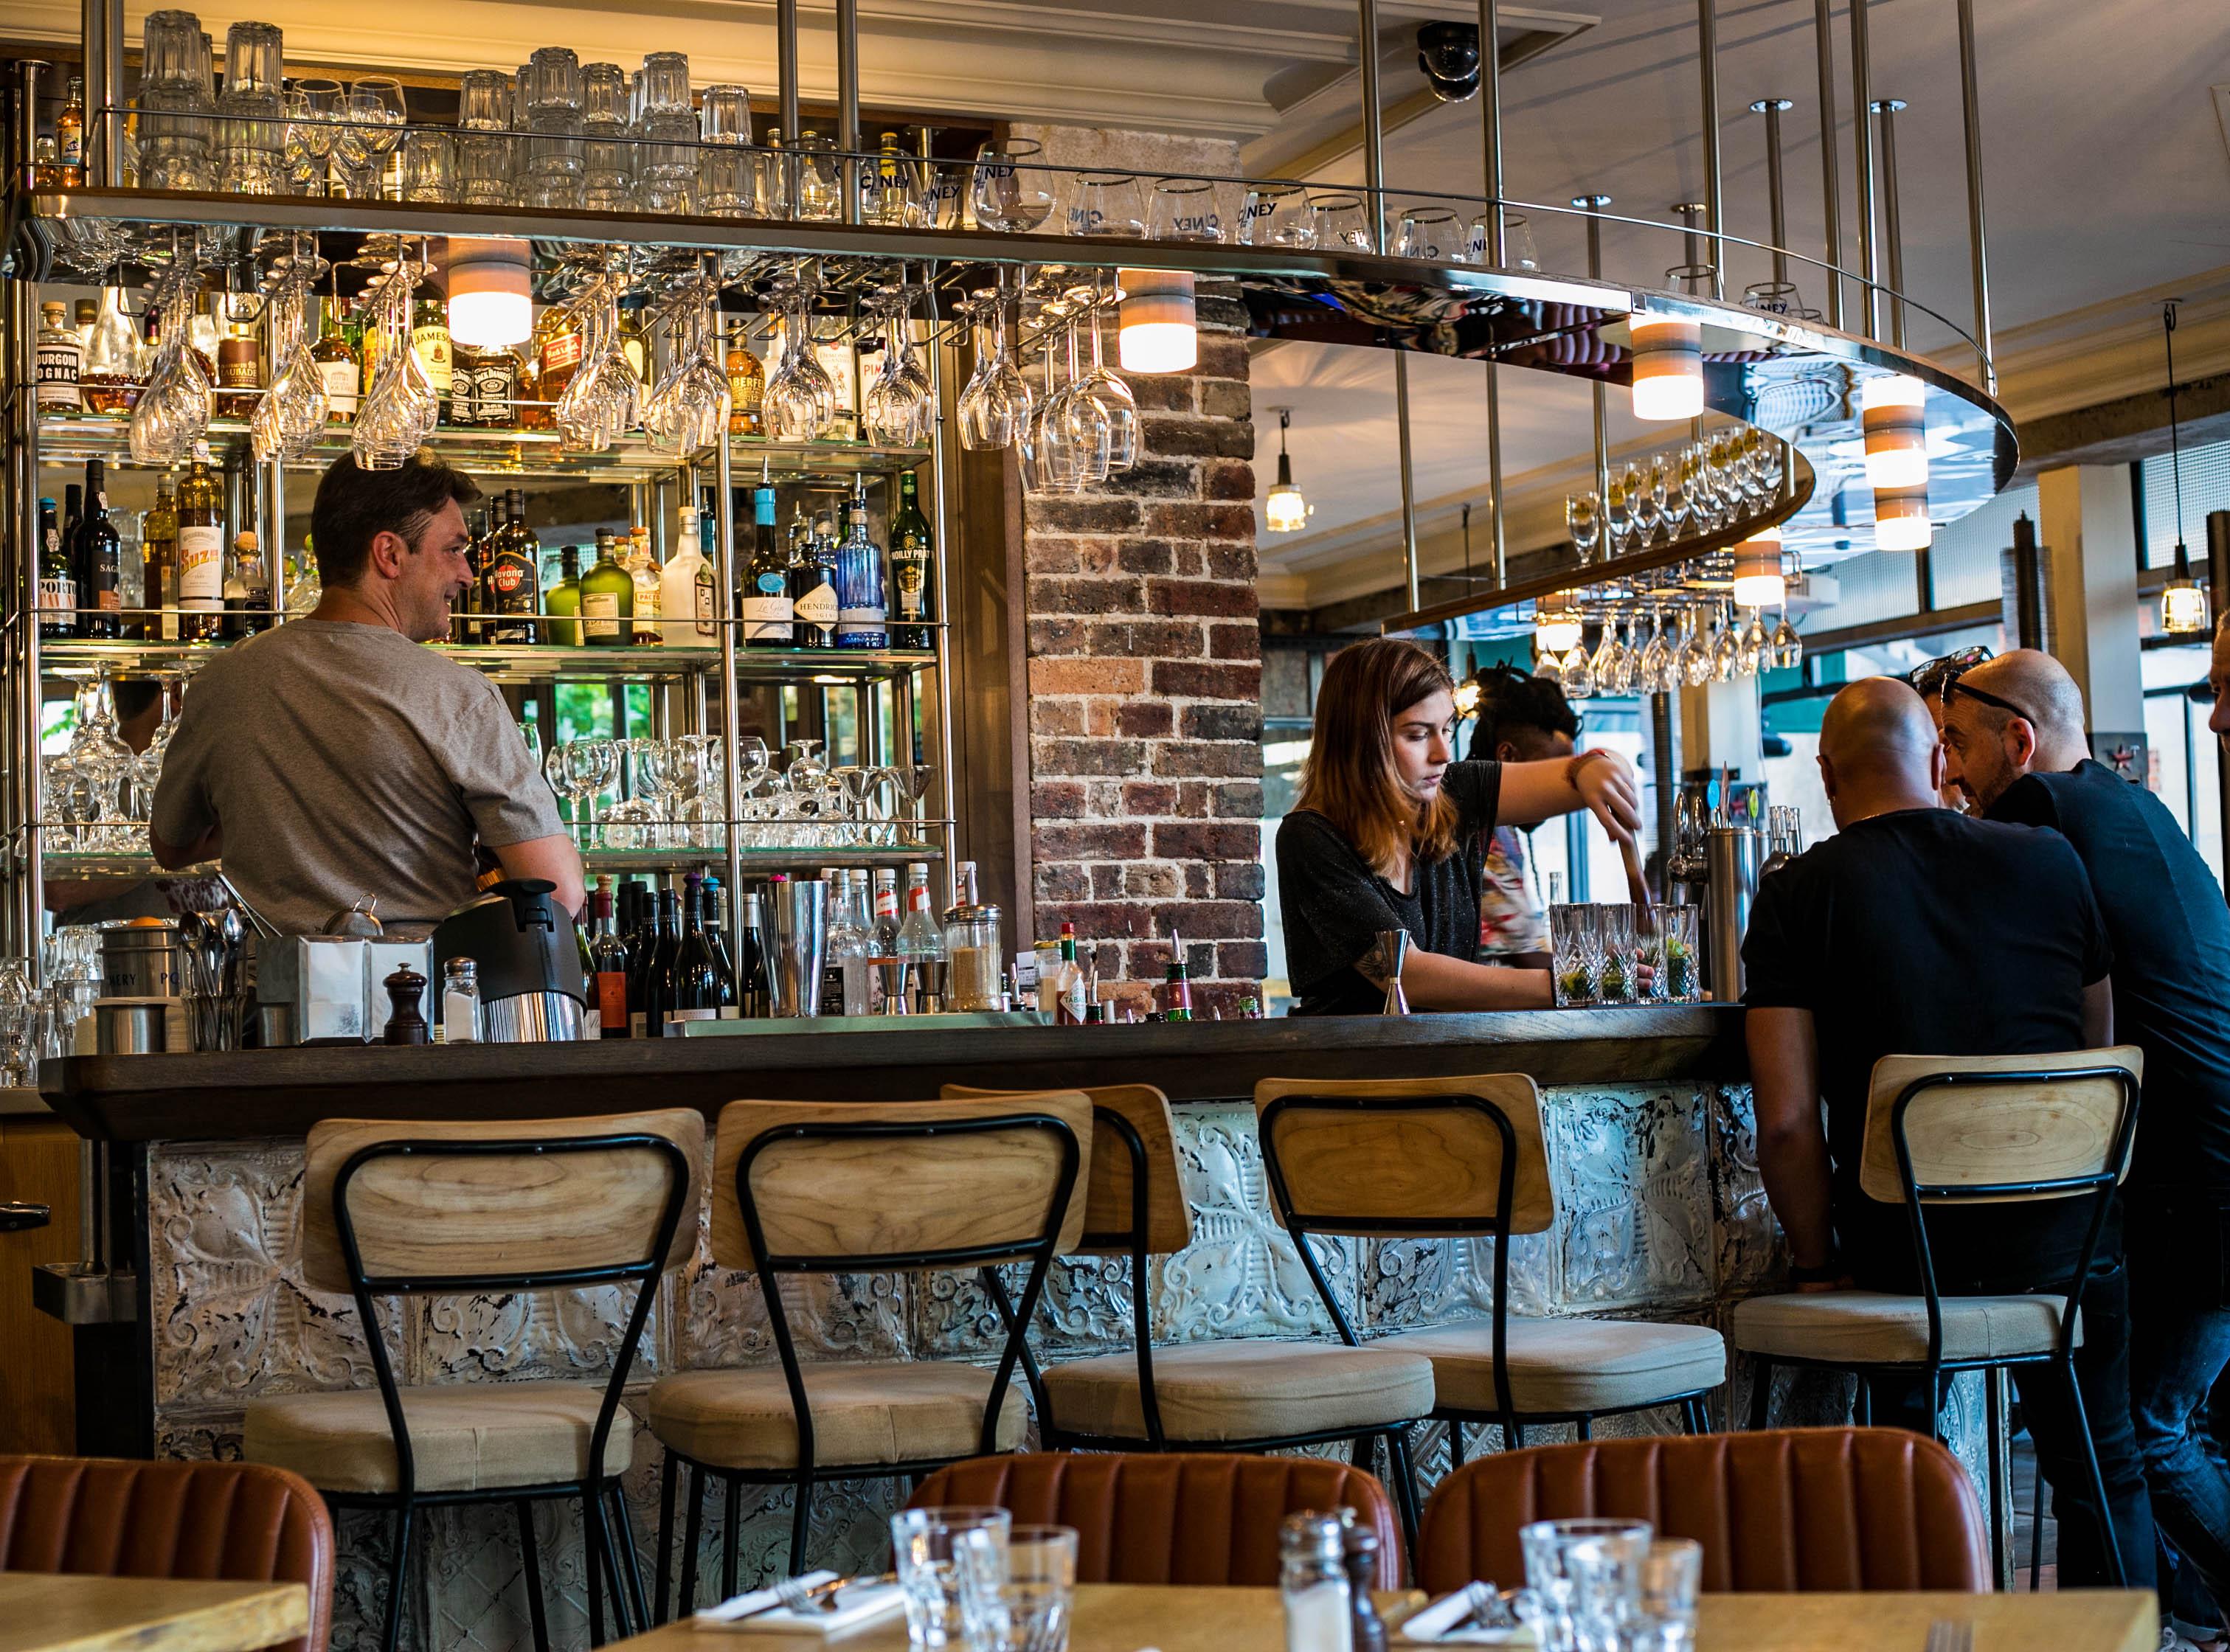 Terrasse Canal Saint Martin loui's corner - superbe terrasse - gastronomie américaine